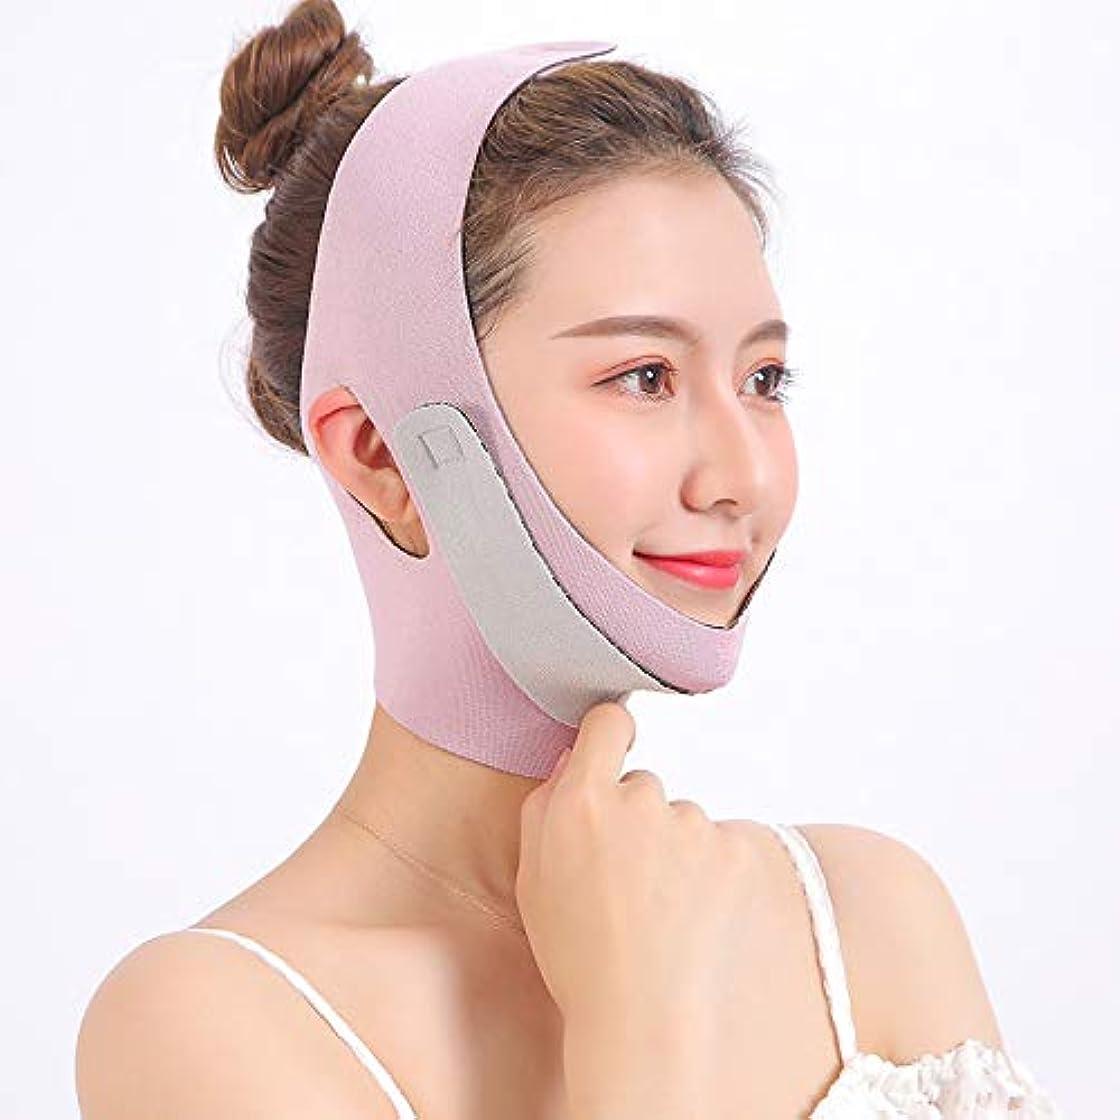 枯渇抗生物質降臨顔面重量損失顔包帯小さな v 顔薄いダブルあごリフトを引き締めアーティファクトシェーピングマスク睡眠フード薄い顔ベルト